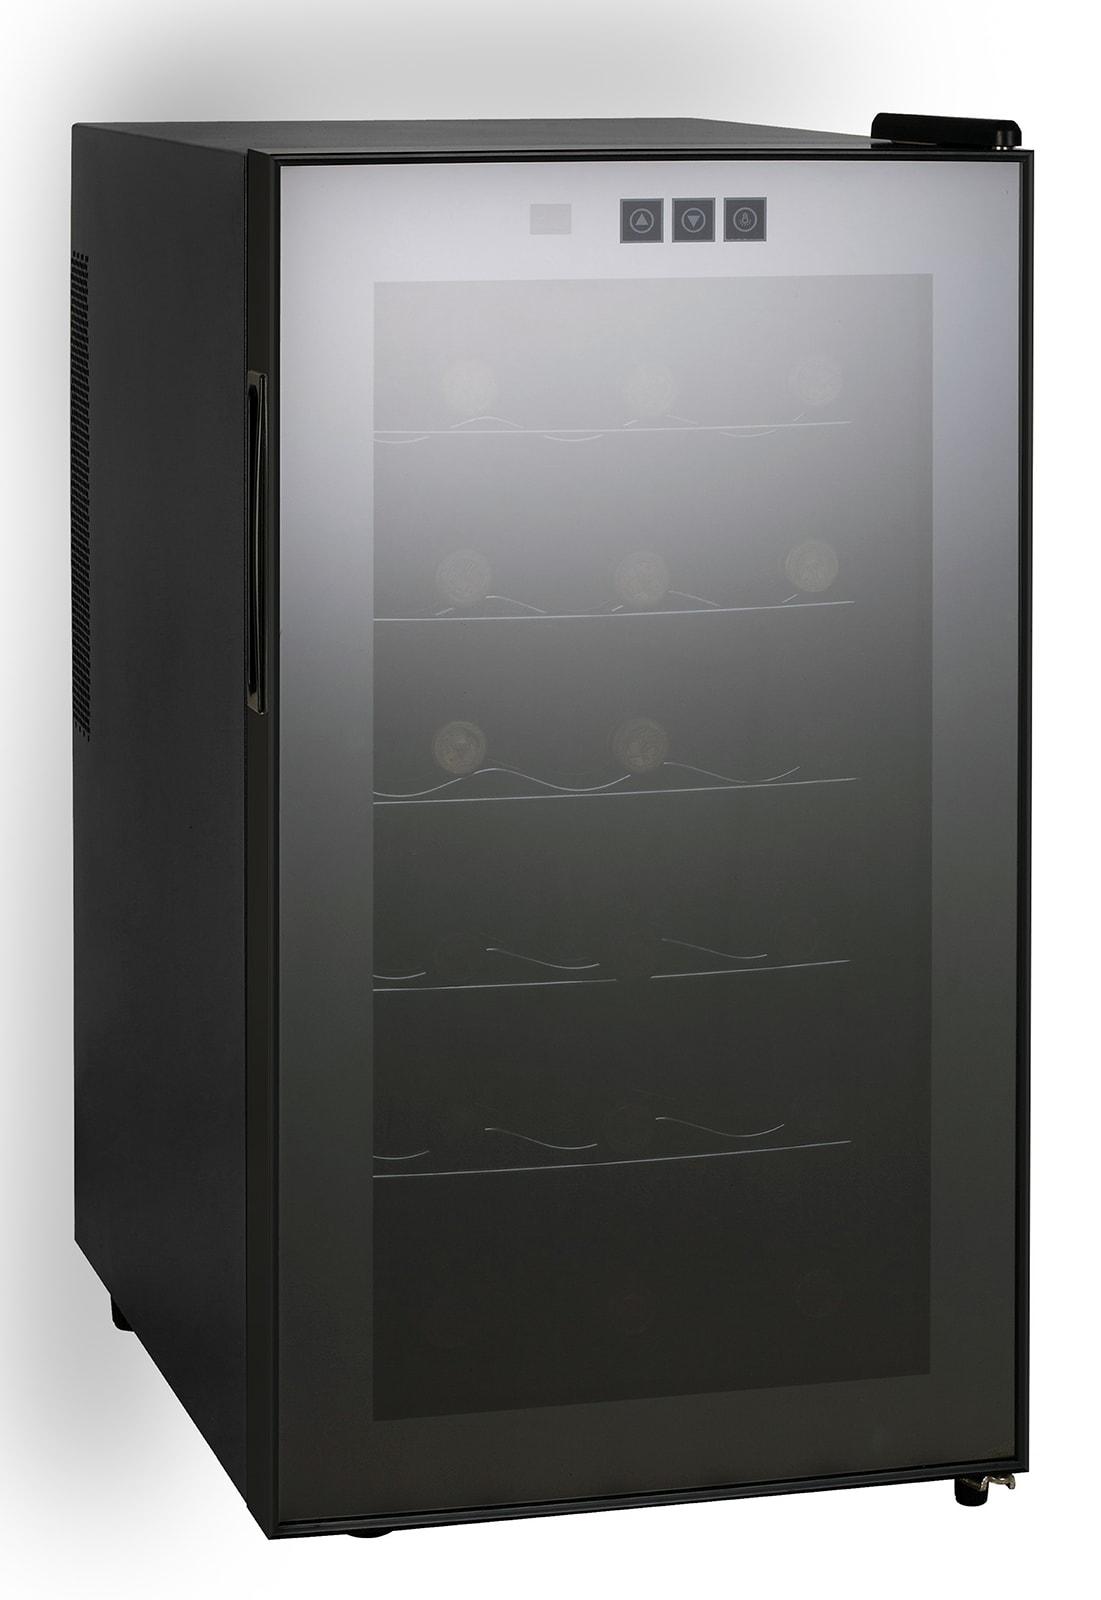 Винный шкаф VIATTO VA JC48